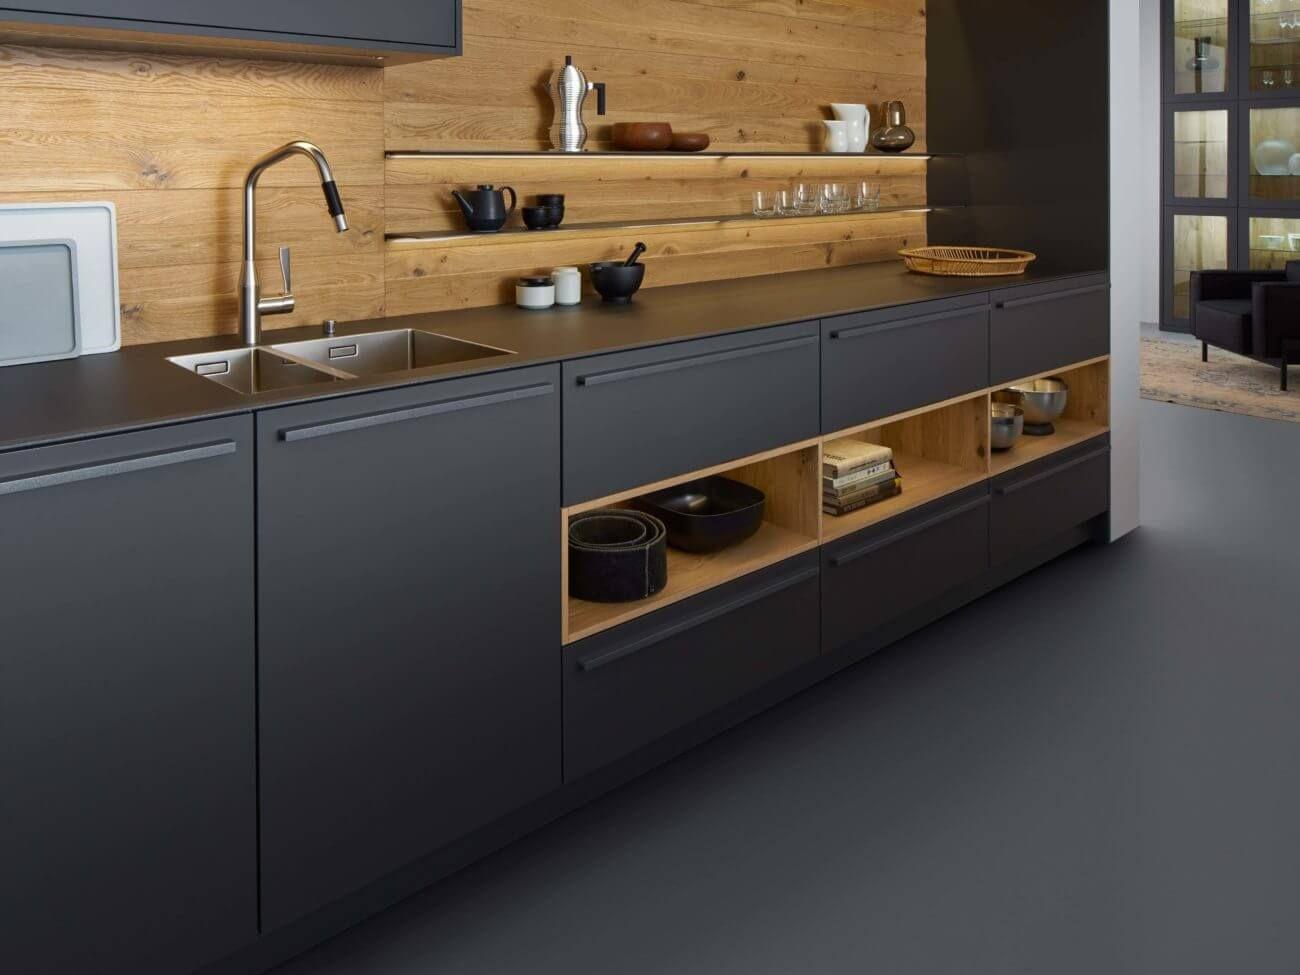 Innenfarben für haus küchentrends  aktuelle designs und farben für die küchenplanung